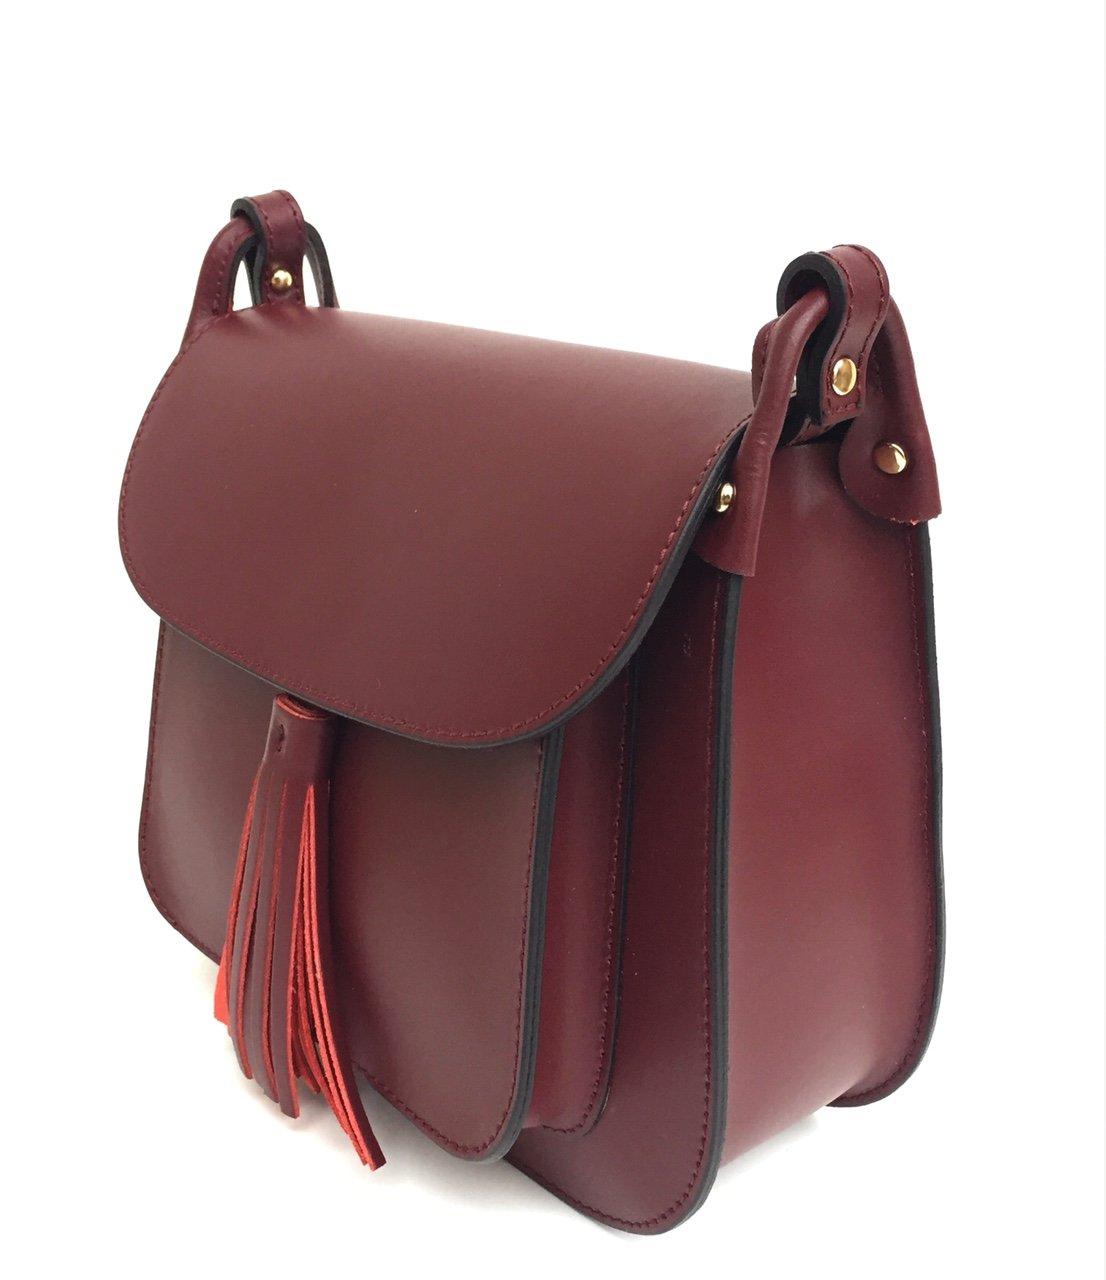 Superflybags handväska modell Francesca superflybags axelväska i äkta läder tillverkad i Italien Bordeaux